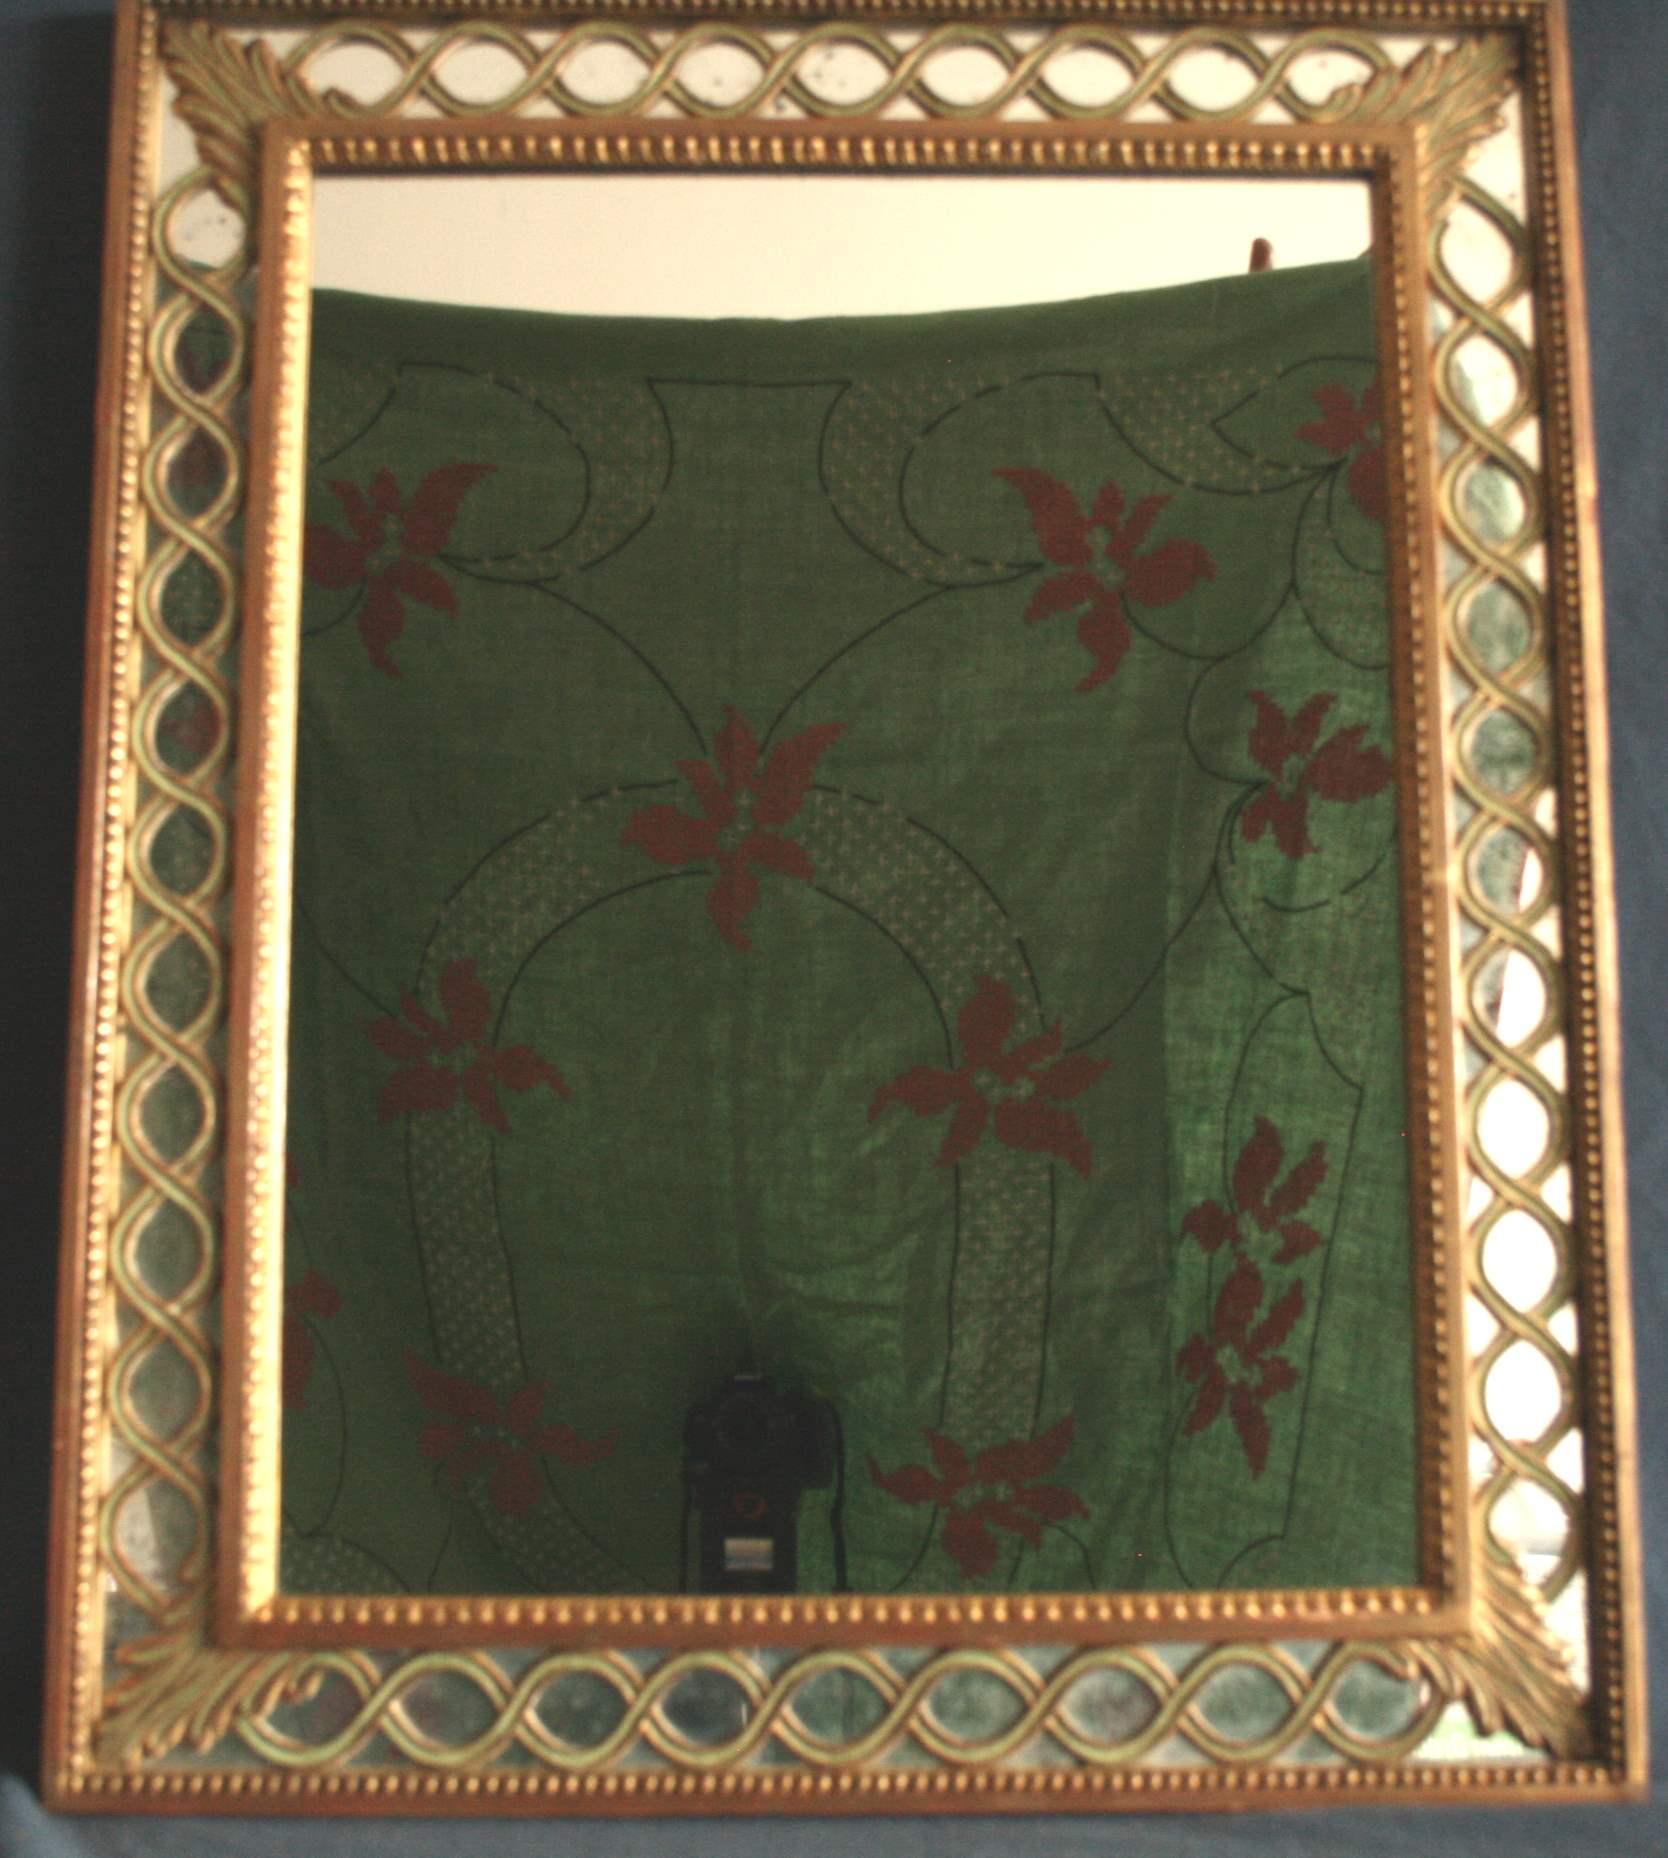 Lot 242 - Miroir en bois doré et laque verte - Dimensions : 81 x 66 cm - - Mirror in gilded [...]